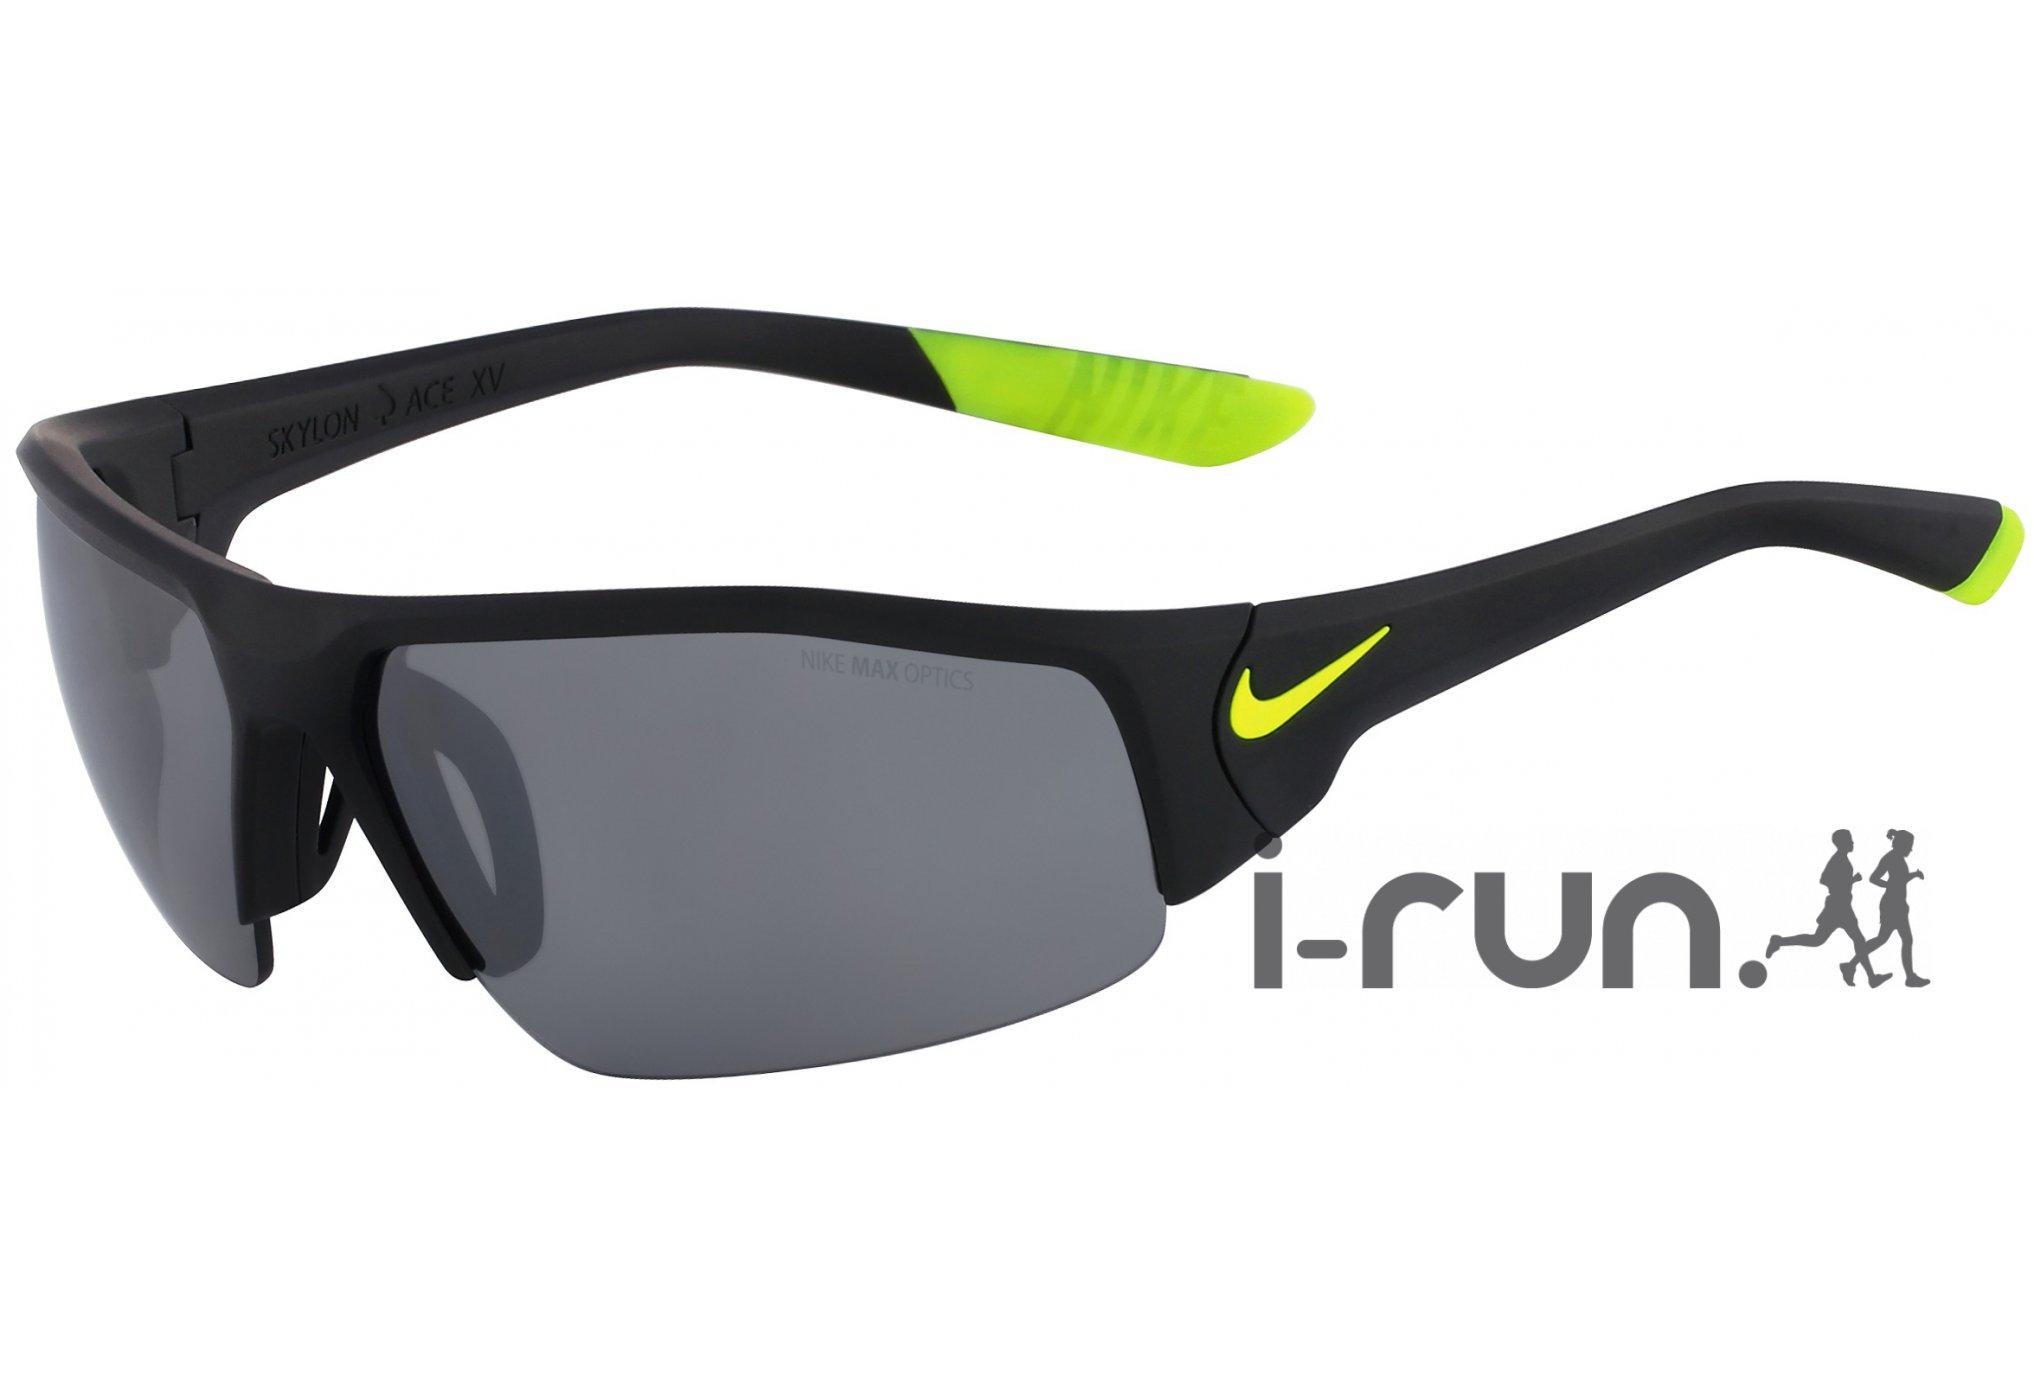 Test- Lunettes de soleil Nike Skylon Ace